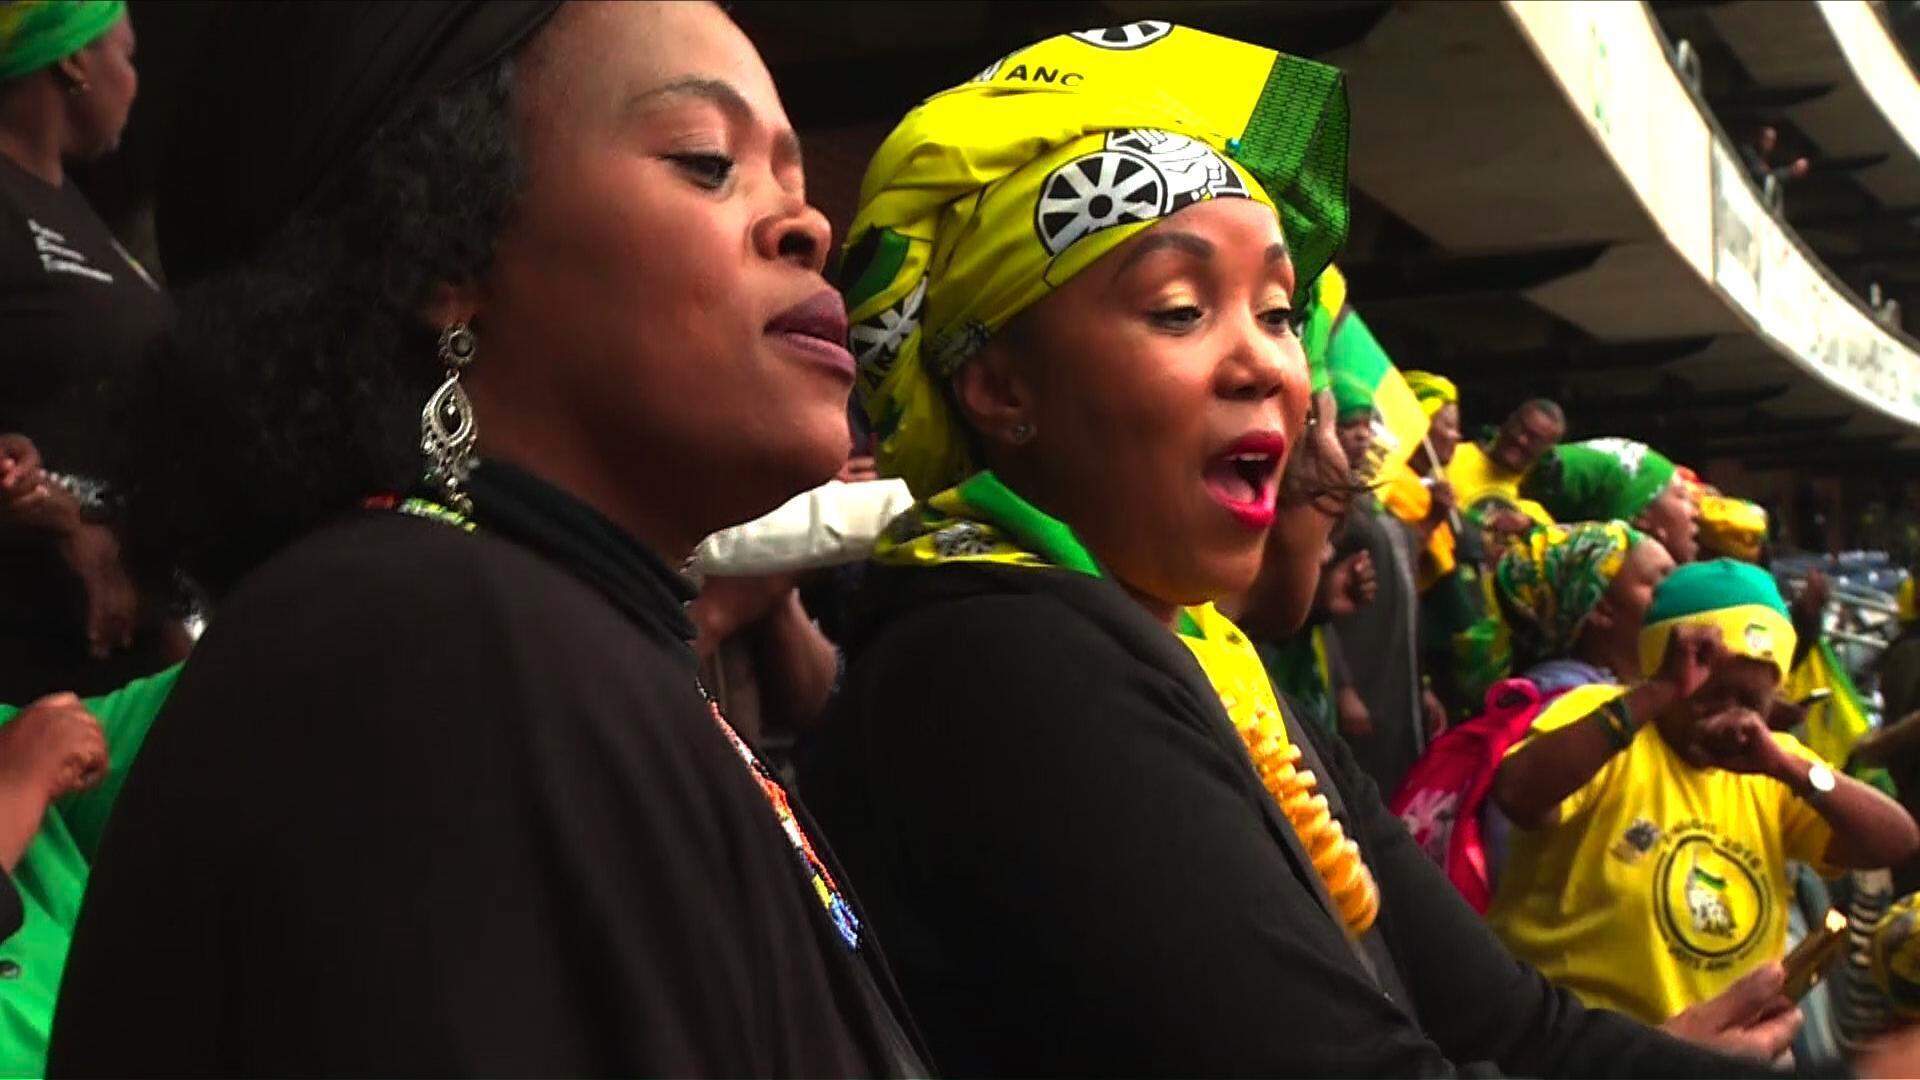 Lors des manifestations, les chants étaient une arme non violente d'intimidation et de mobilisation pour les combattants de la liberté. (Photo d'illustration)